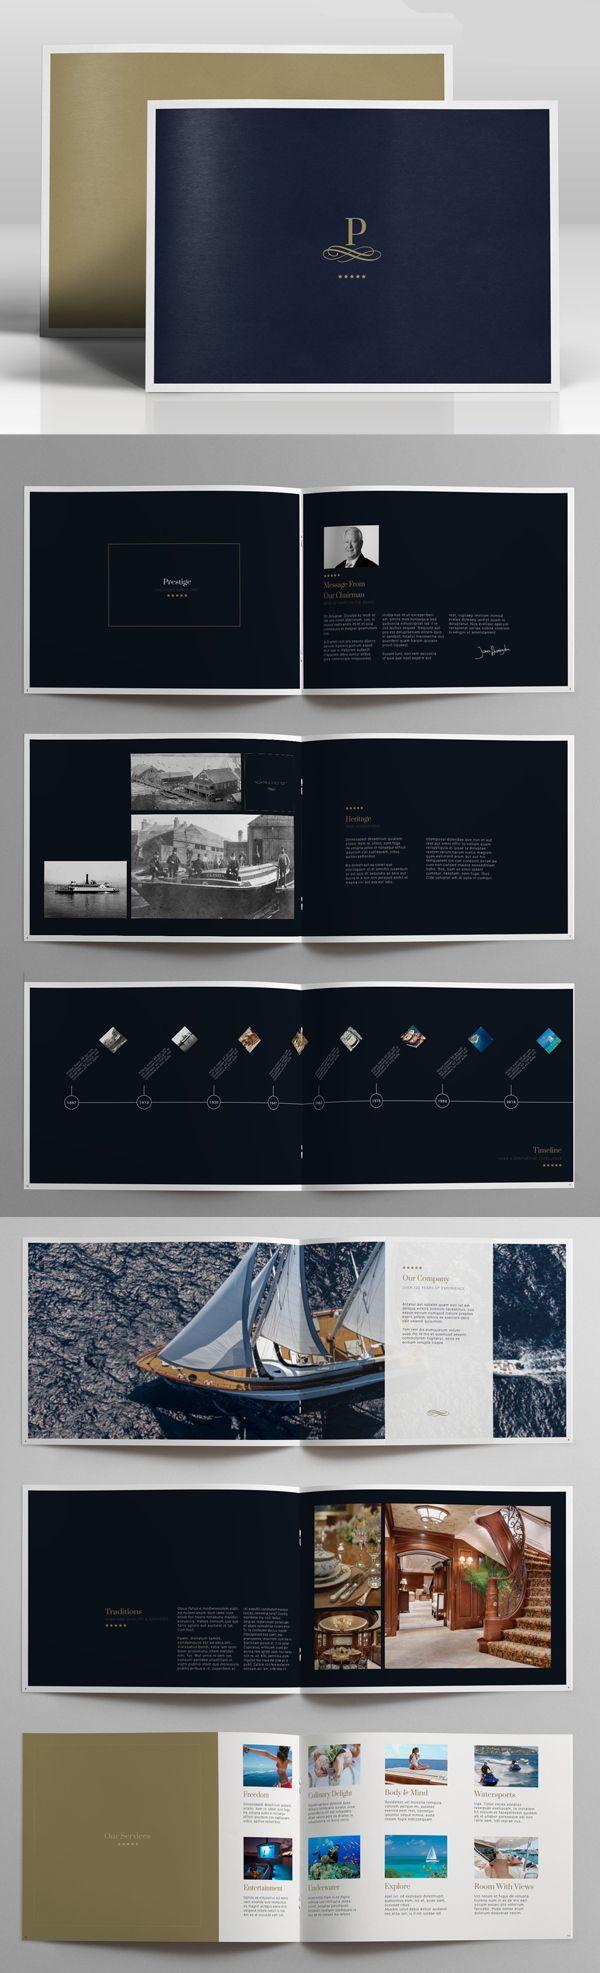 Multipurpose Luxury Brochure